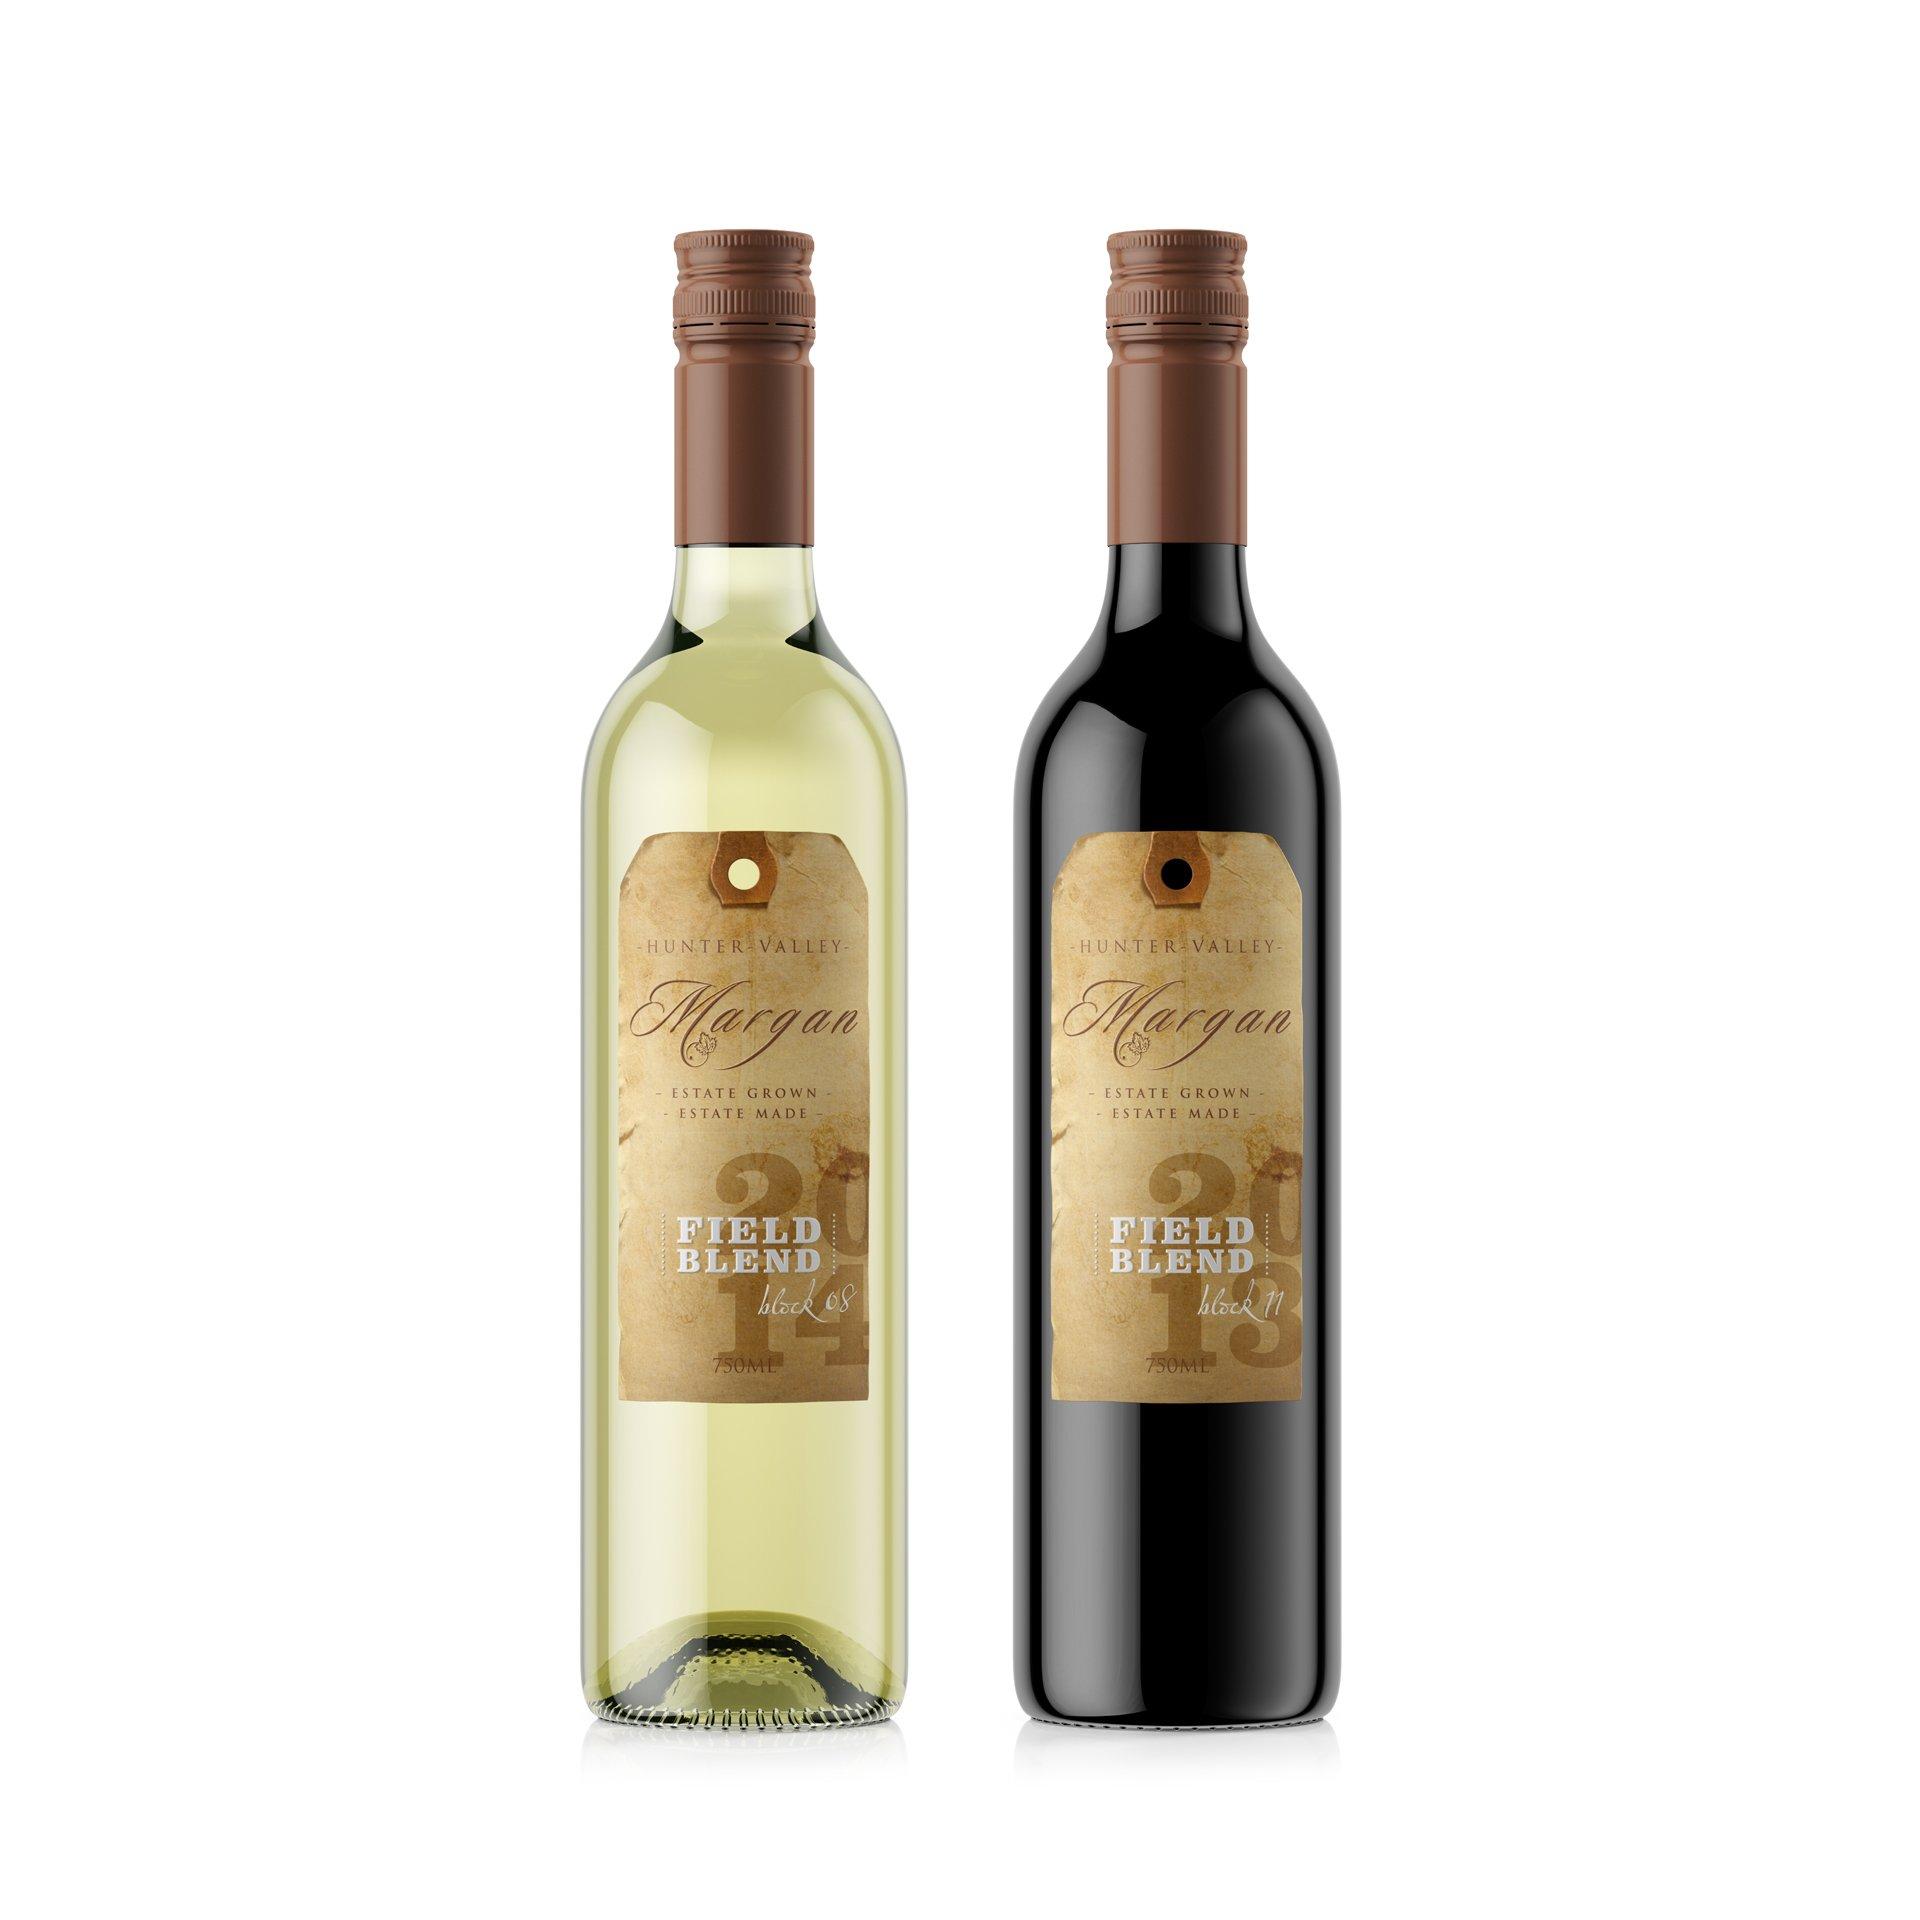 Margan wine packaging design